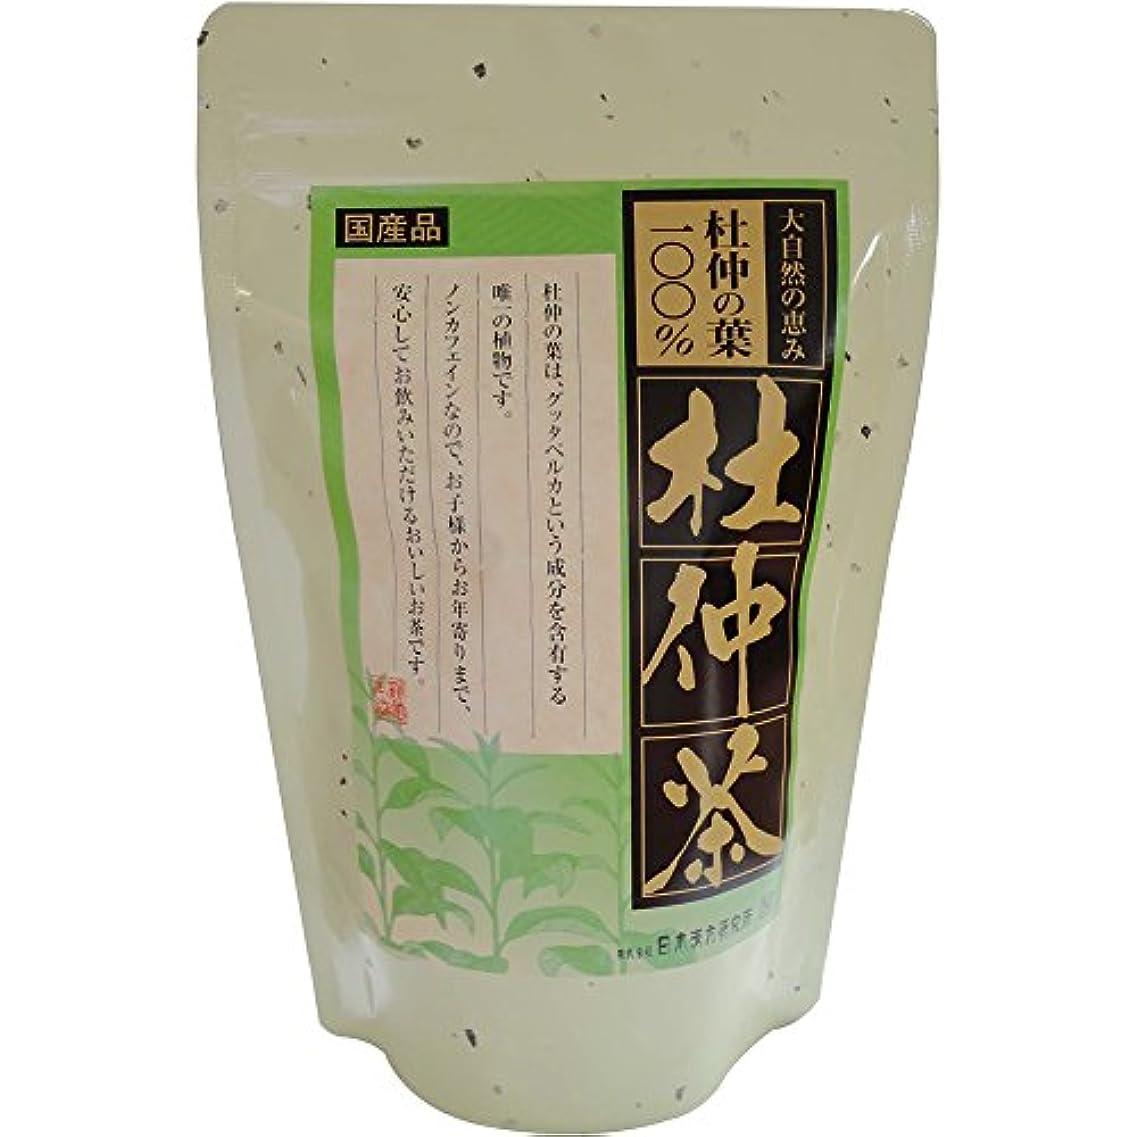 失礼な雹岸杜仲茶100%(国産品) 2g×30包入